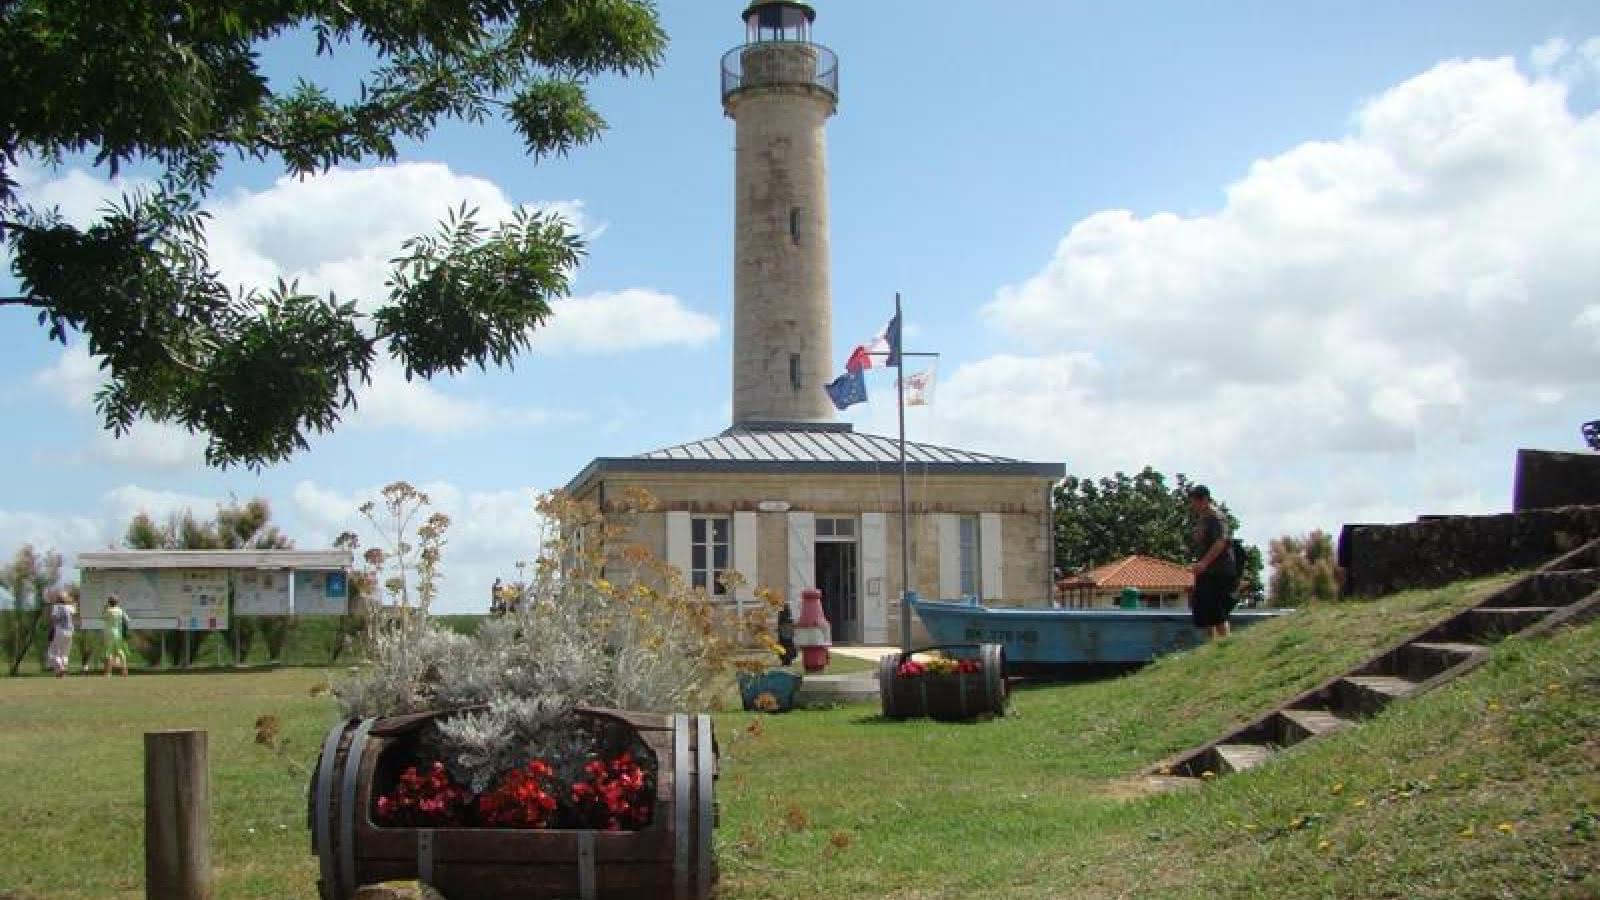 Jau-Dignac-et-Loirac - Musée du Phare de Richard